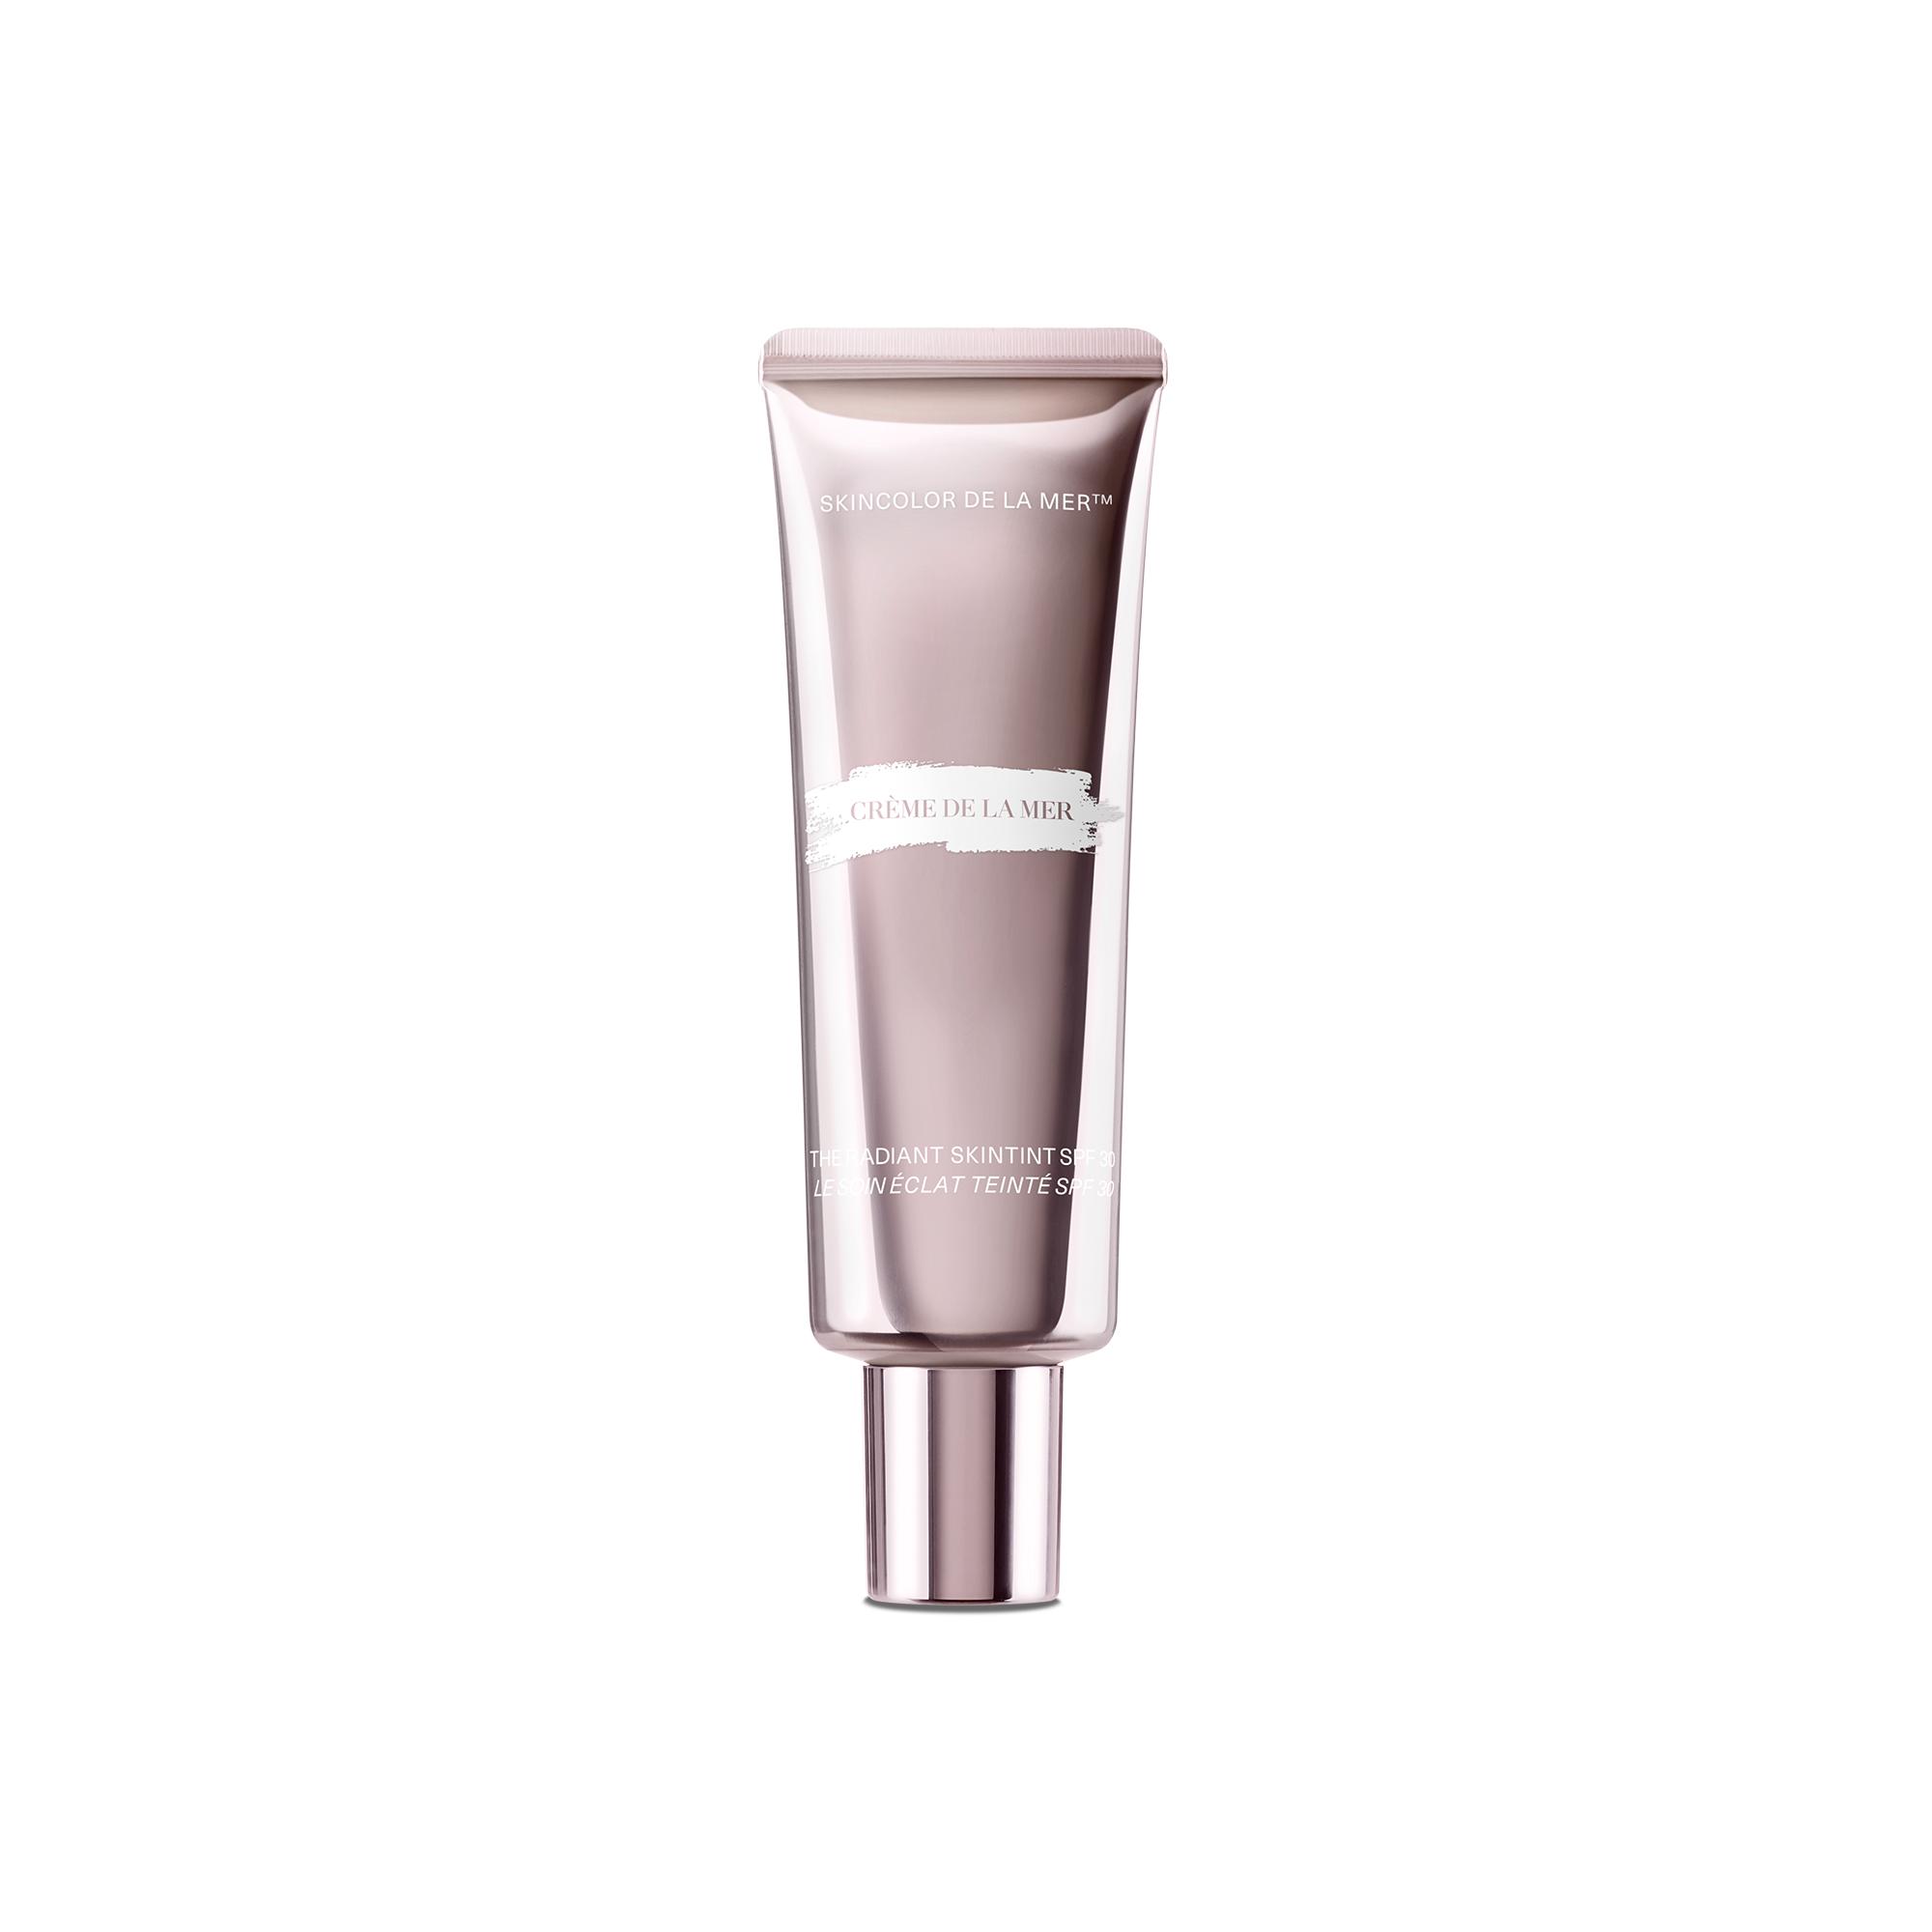 La Mer The Radiant Skin Tint SPF30, light